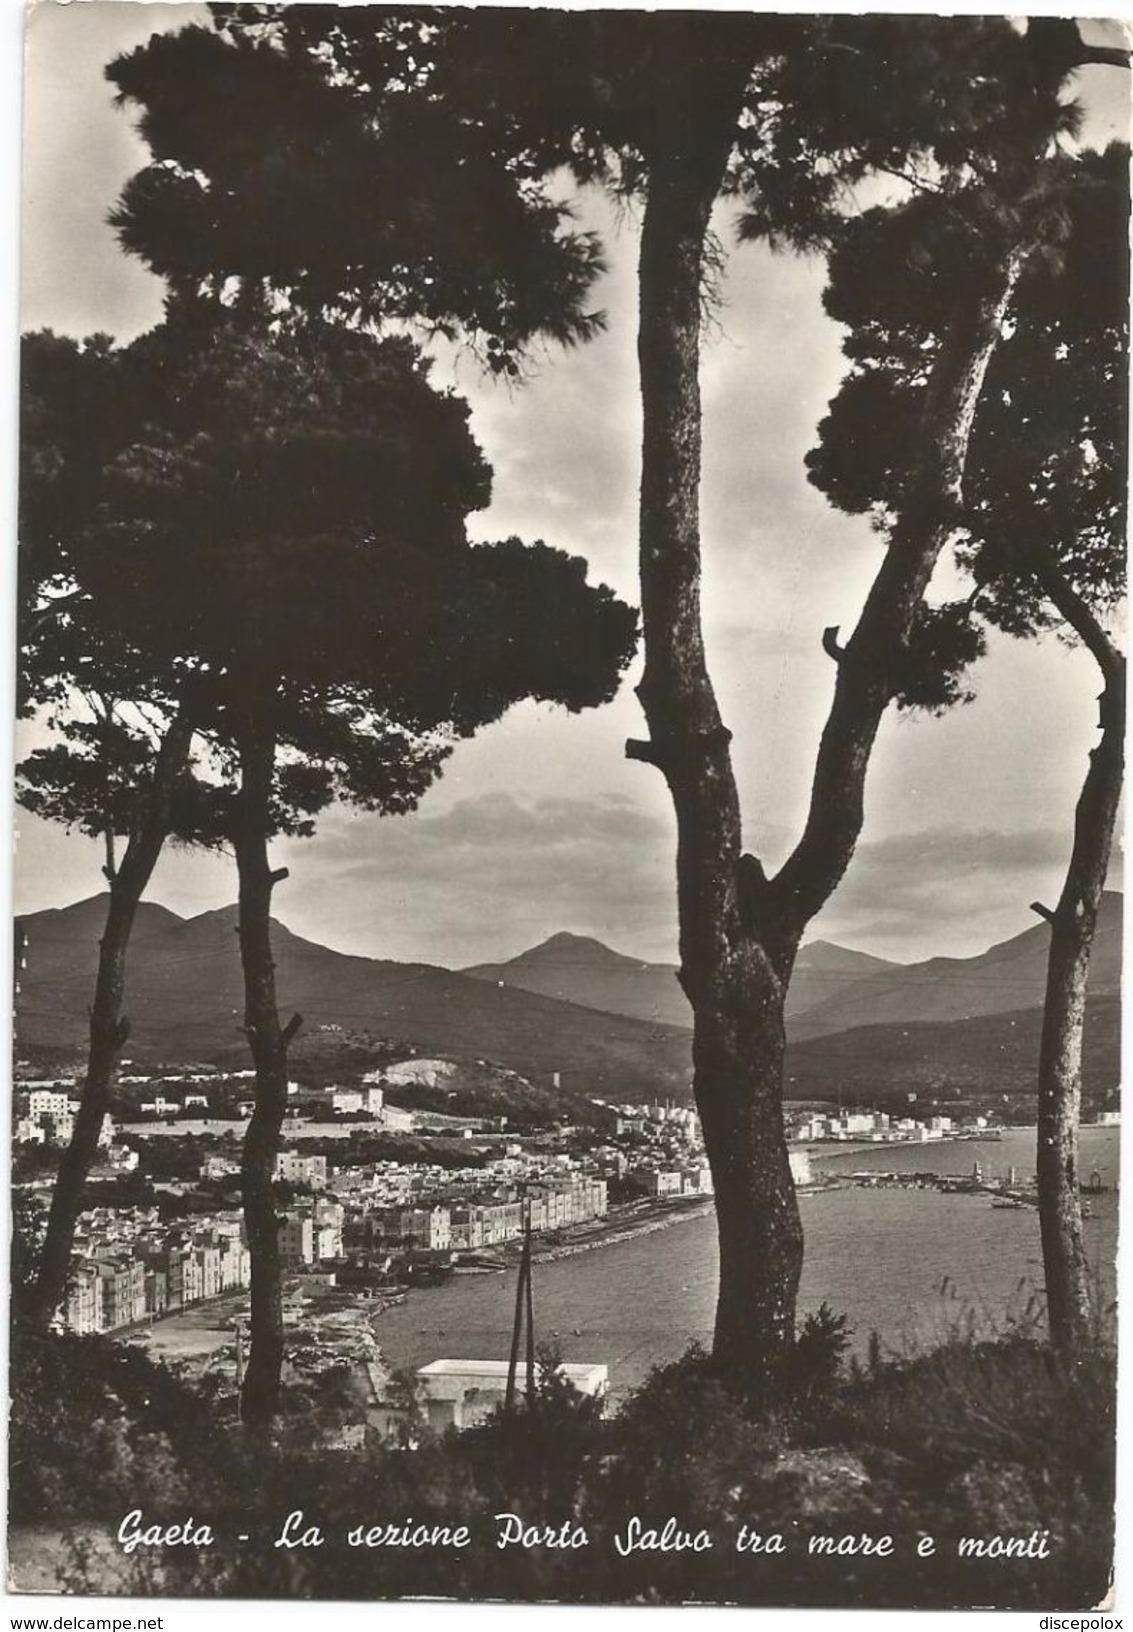 X1152 Gaeta (Latina) - La Sezione Porto Salvo Fra Mare E Monti - Panorama / Viaggiata 1961 - Altre Città